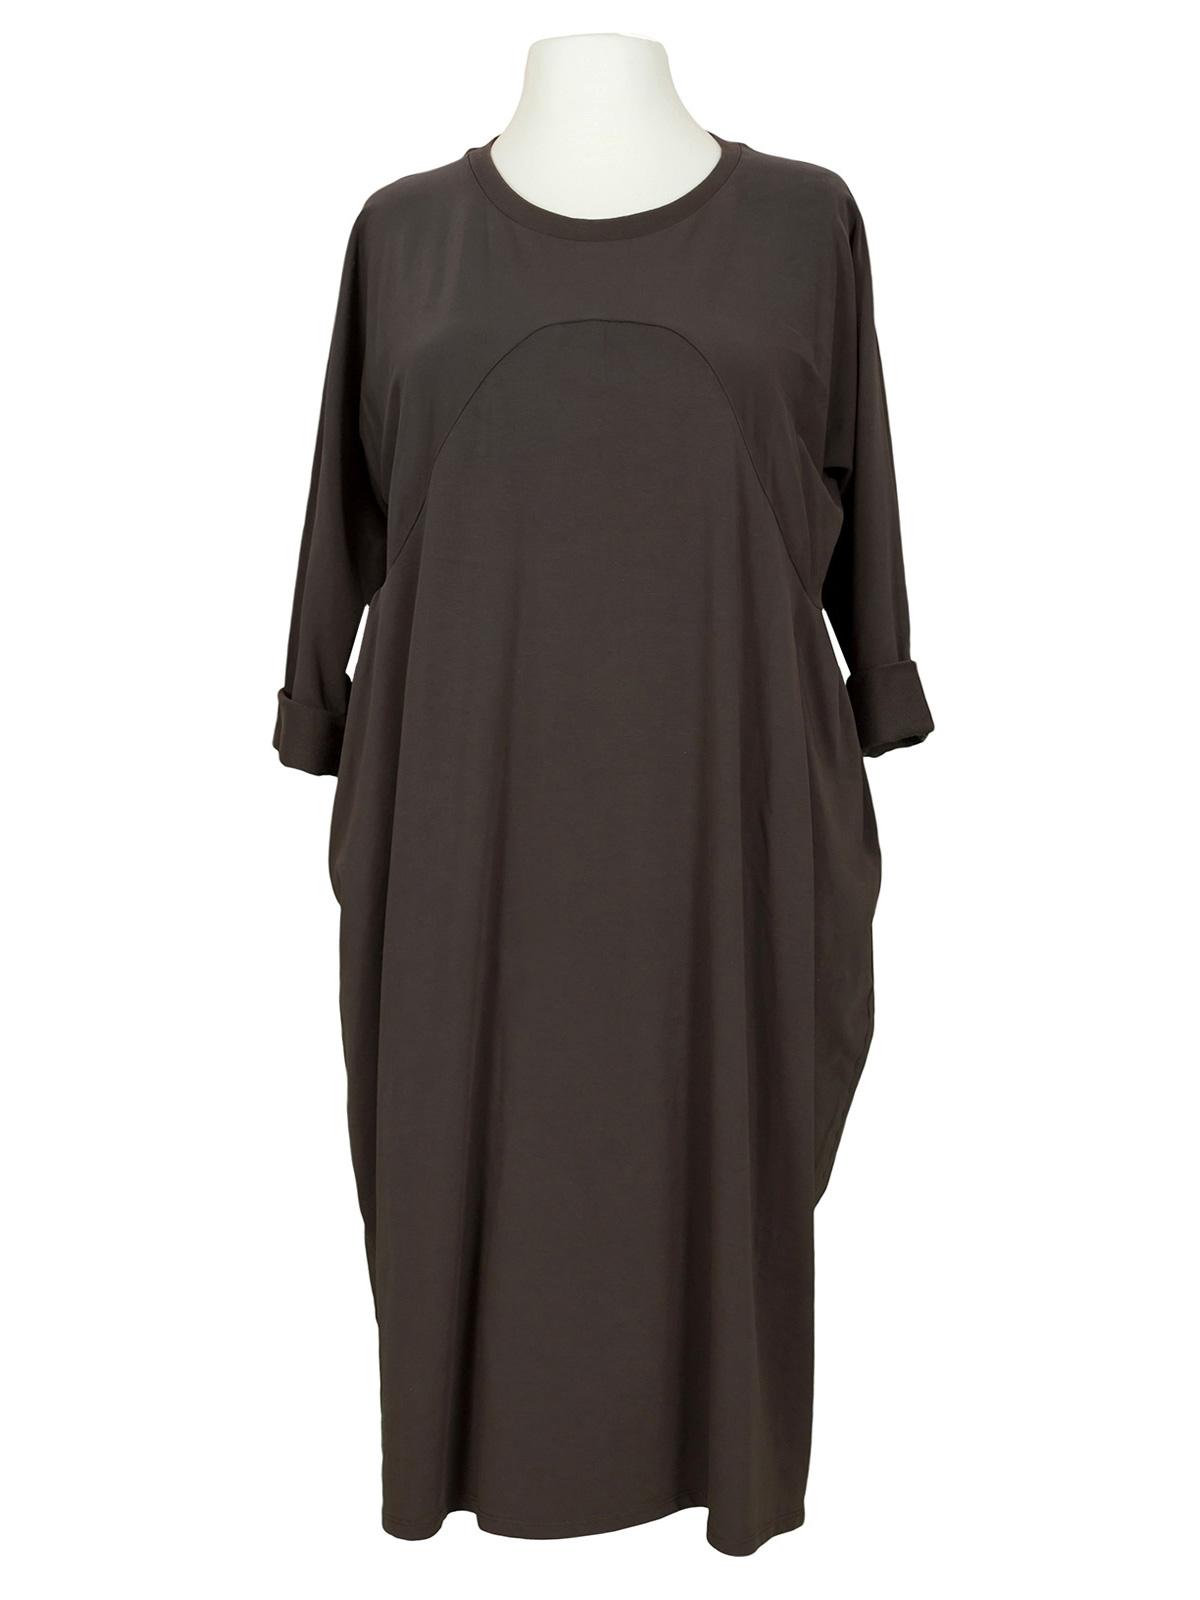 Kleid Baumwolljersey, braun von Wendy | meinkleidchen